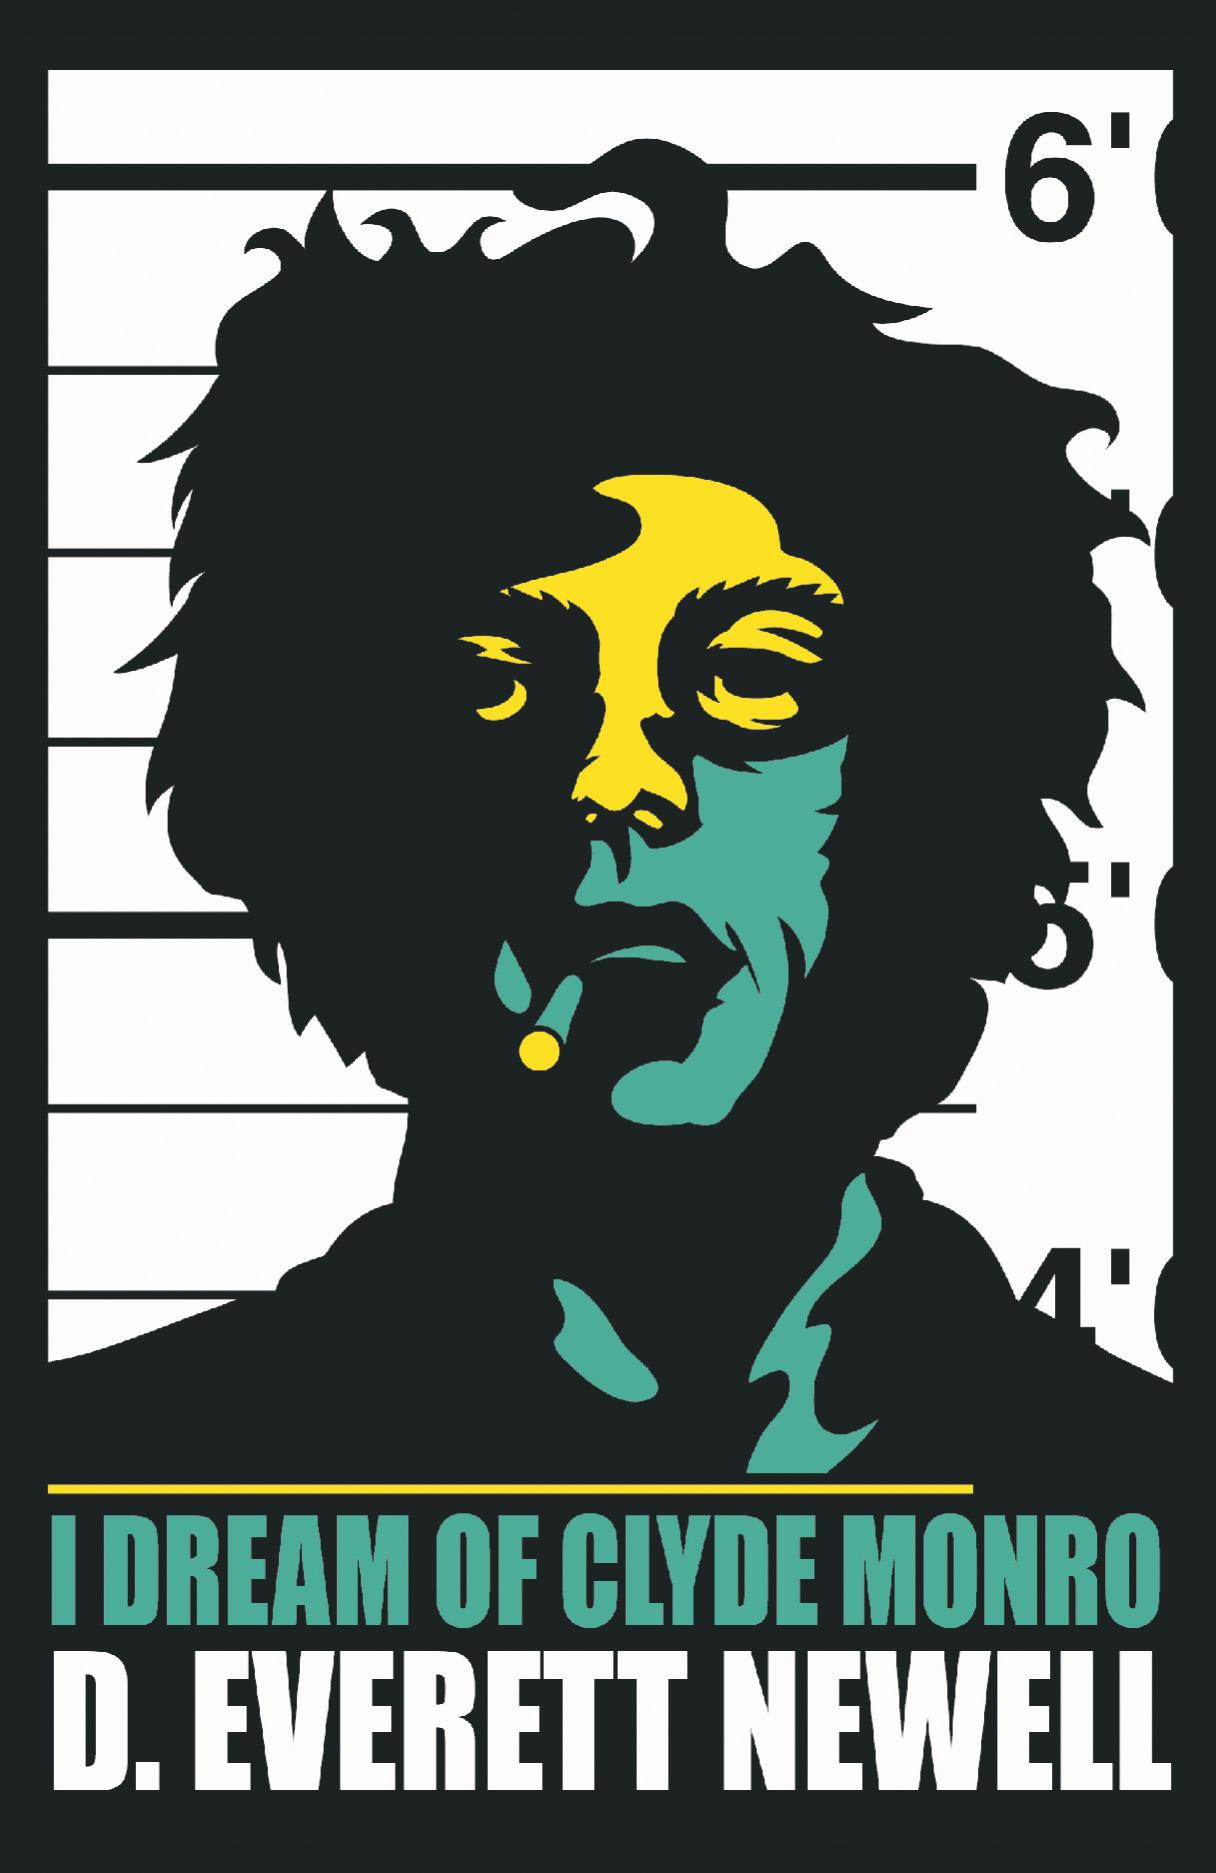 I Dream of Clyde Monro D. Everett Newell